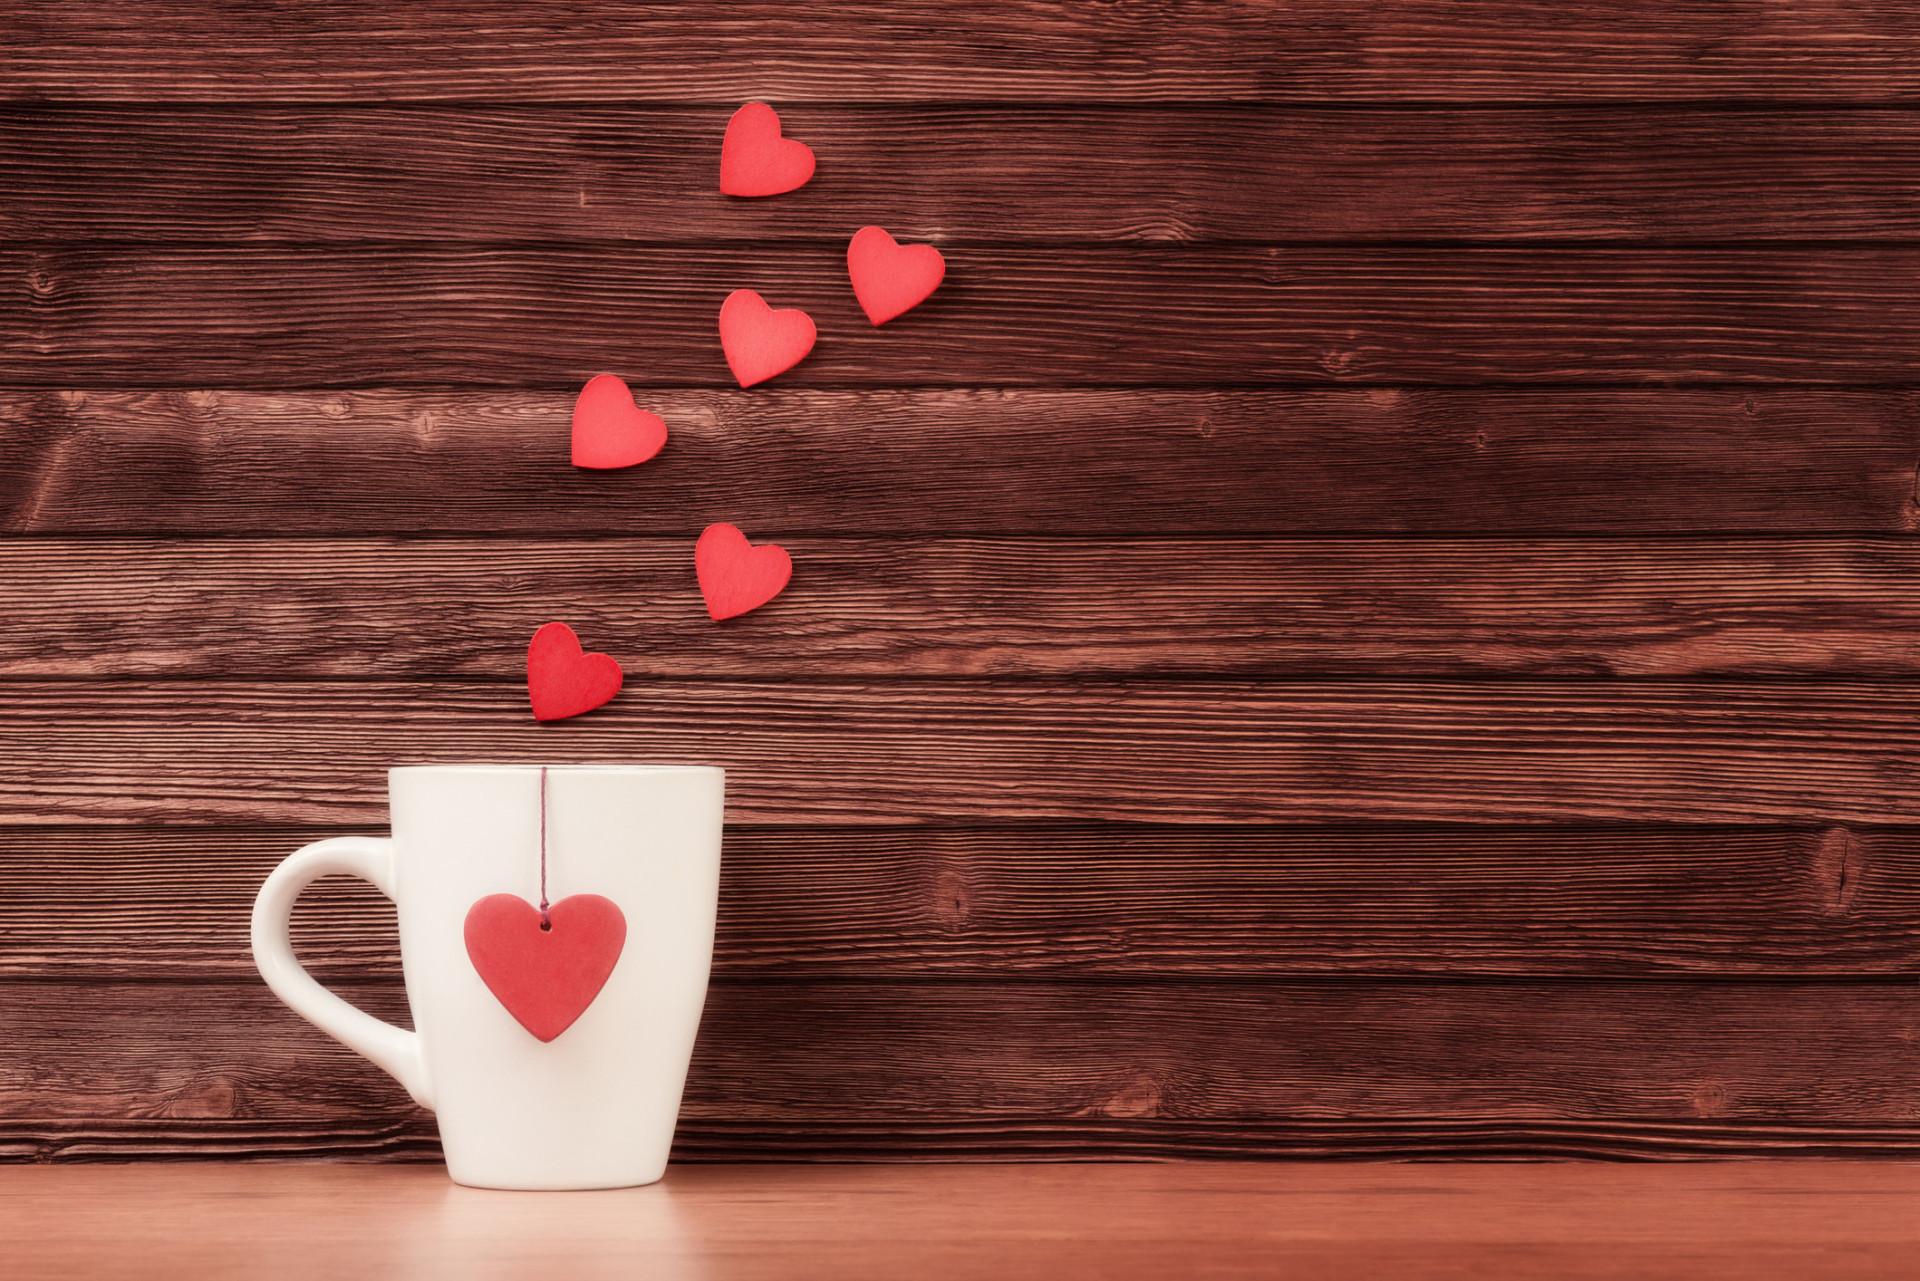 Prendas simples e criativas para o Dia dos Namorados